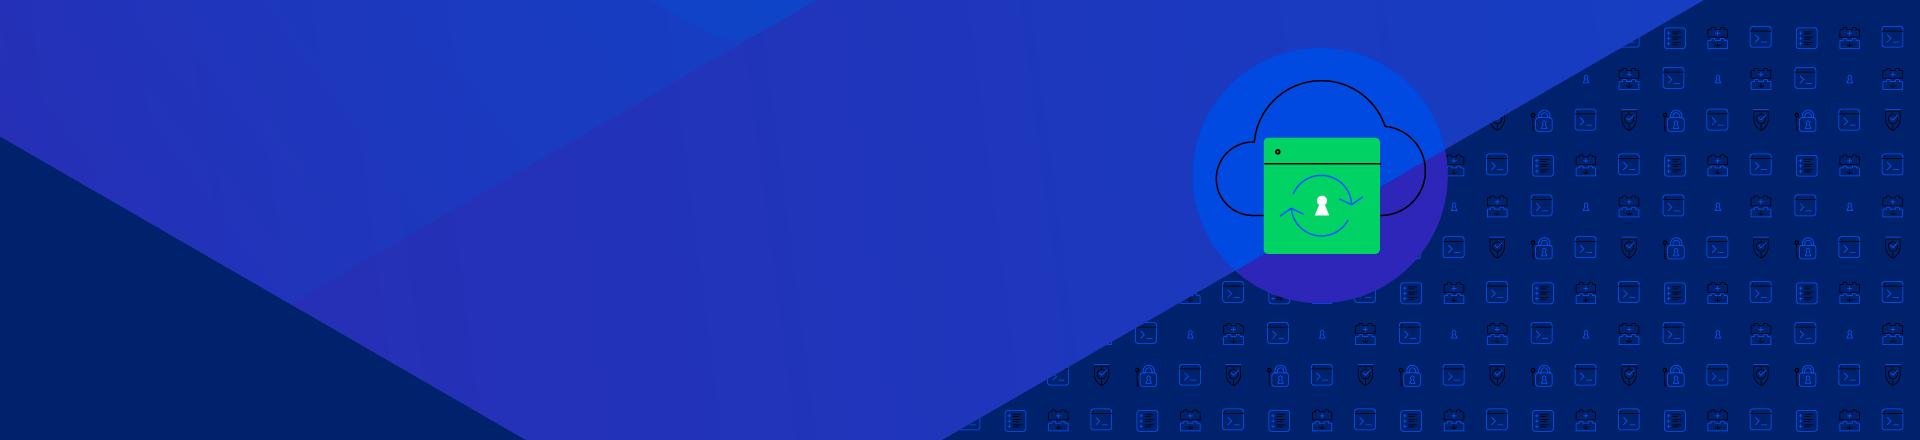 LP 1920x440